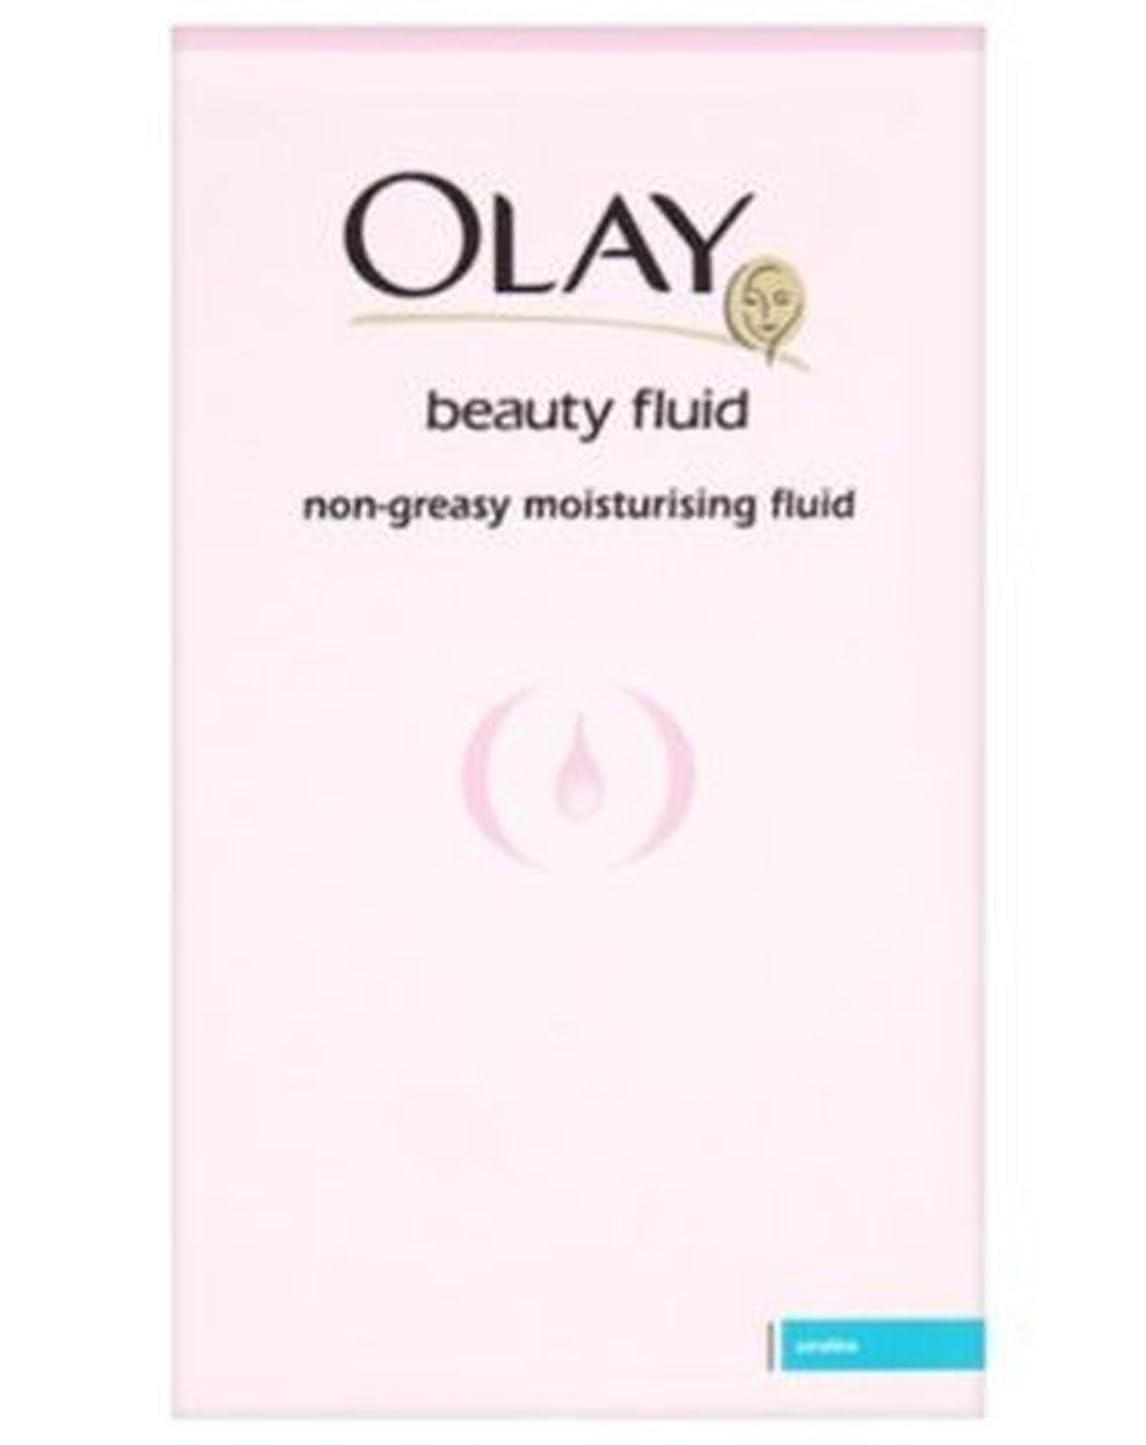 注入ぎこちない威するオーレイの必需品美容液敏感日流体200ミリリットル (Olay) (x2) - Olay Essentials Beauty Fluid Sensitive Day Fluid 200ml (Pack of 2) [並行輸入品]